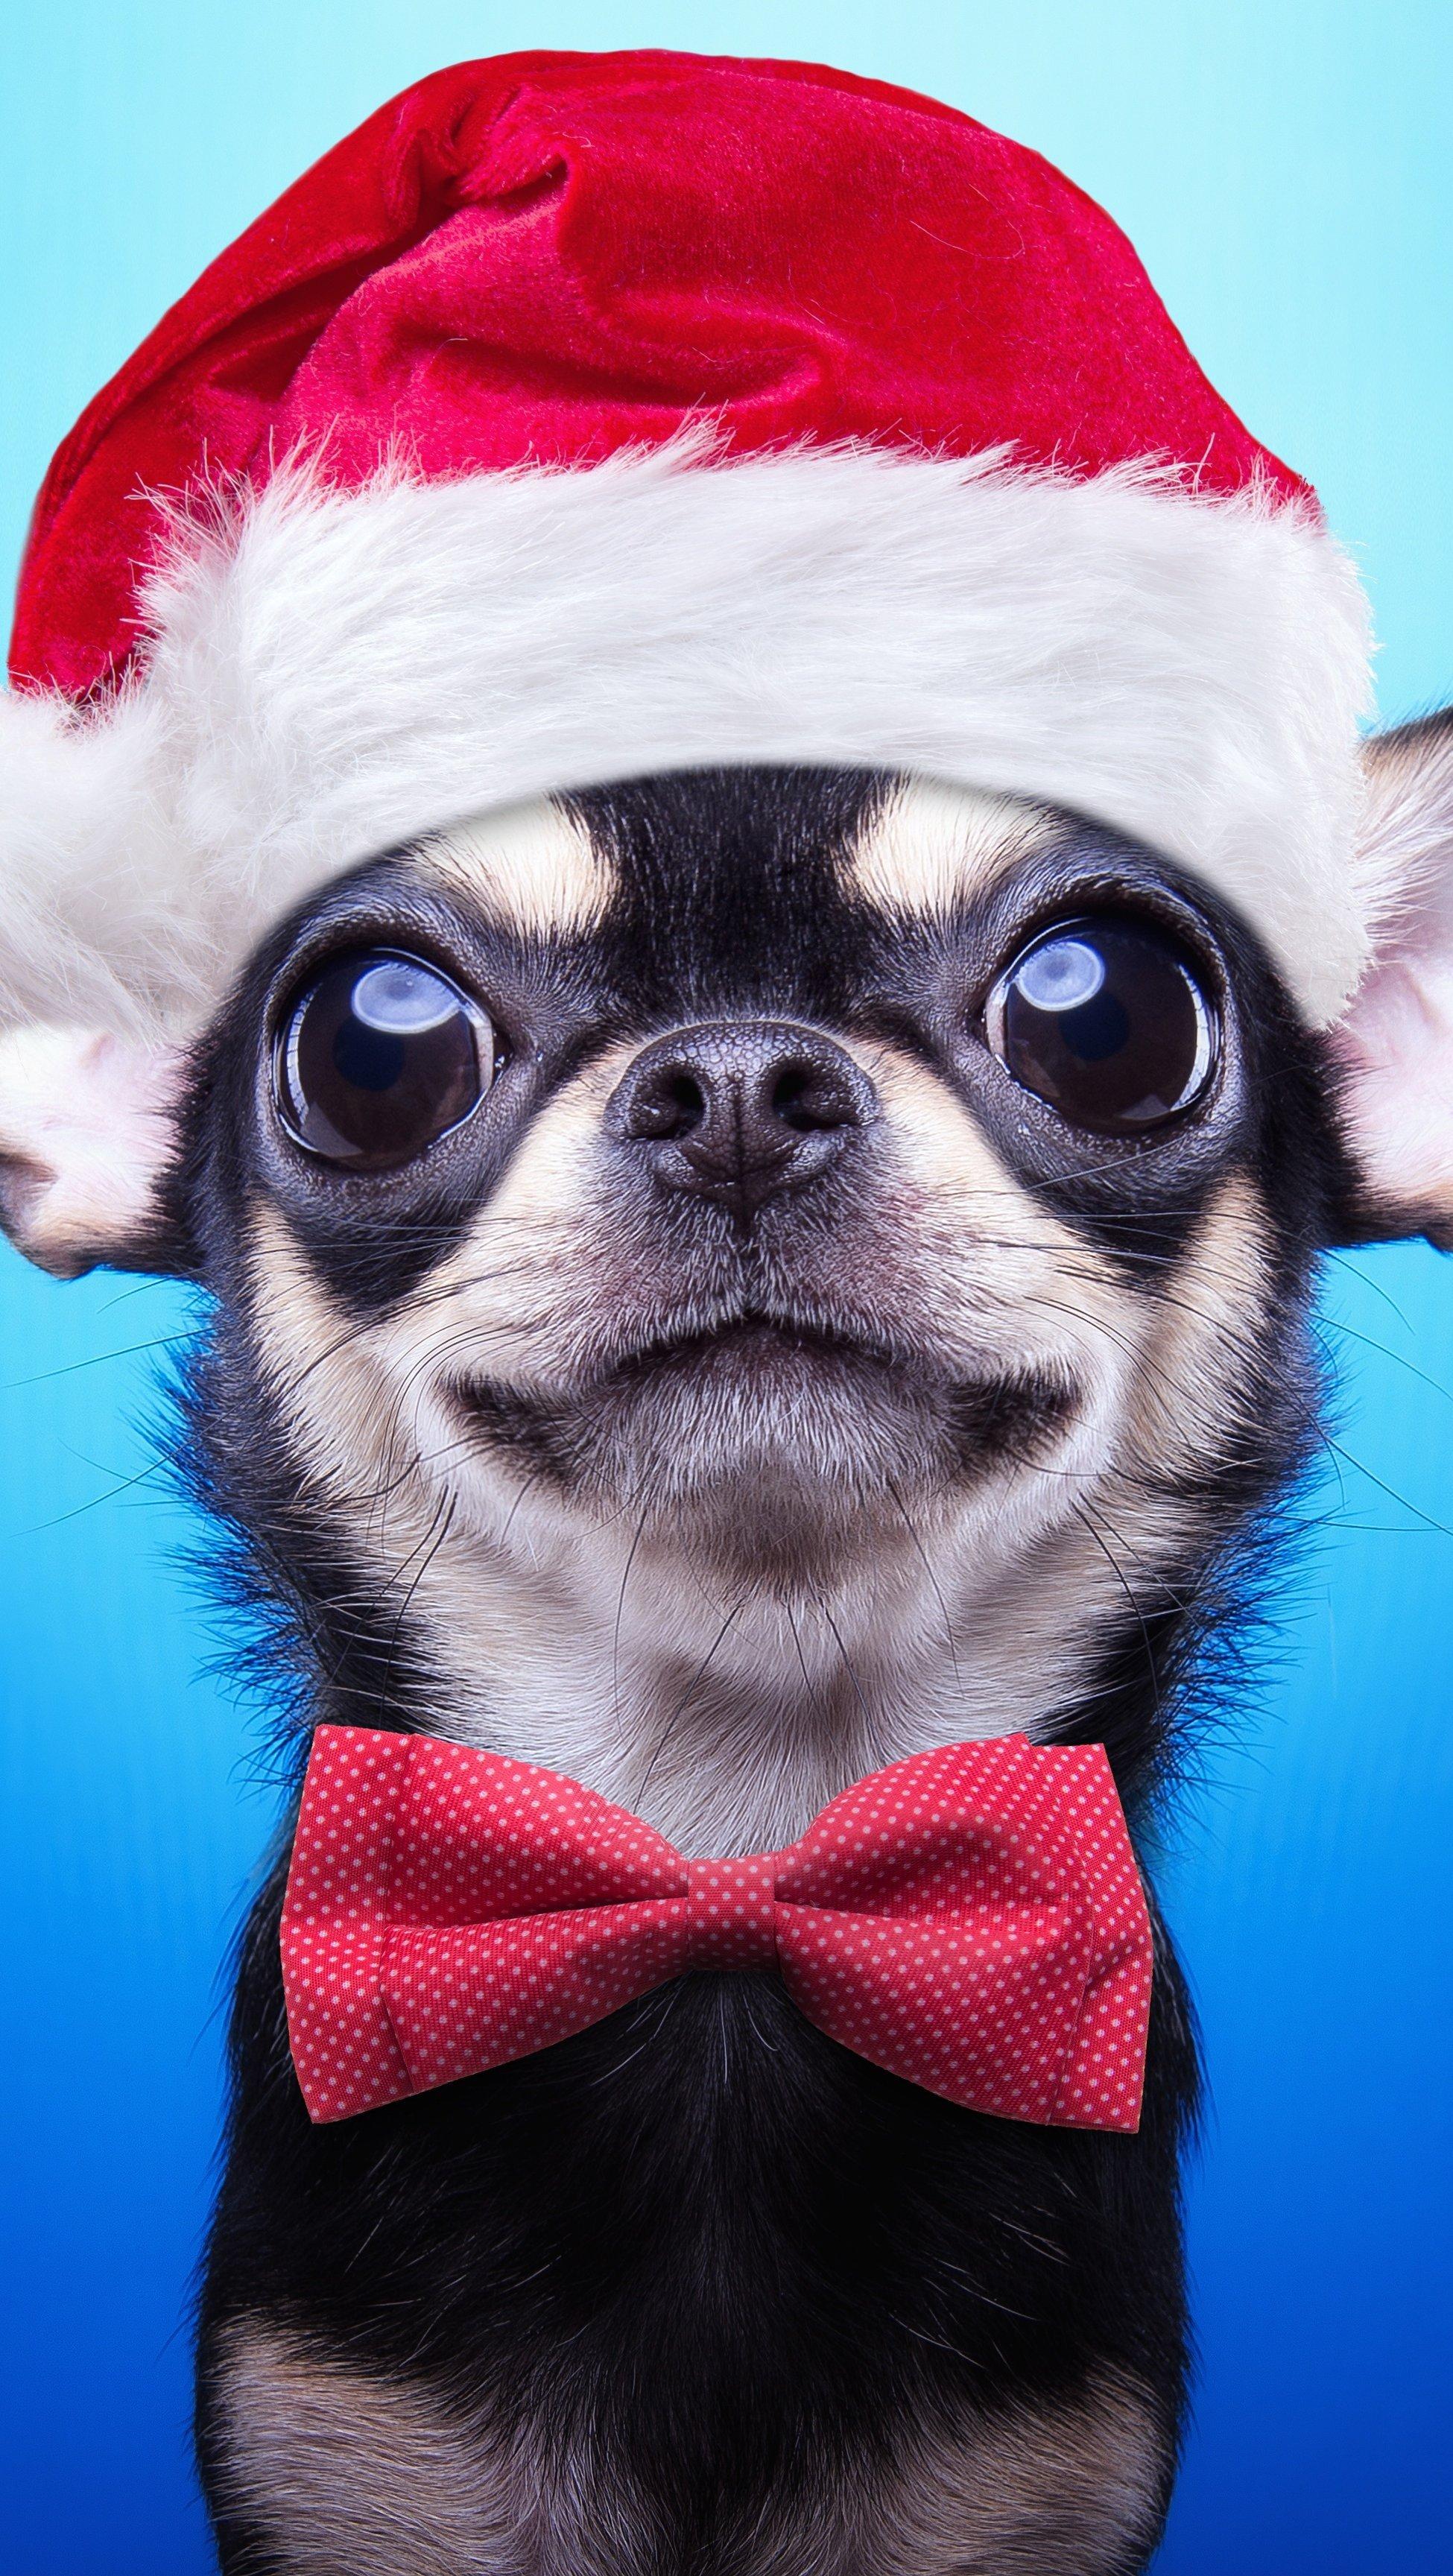 Fondos de pantalla Perro Chihuahua con Gorro de Navidad Vertical